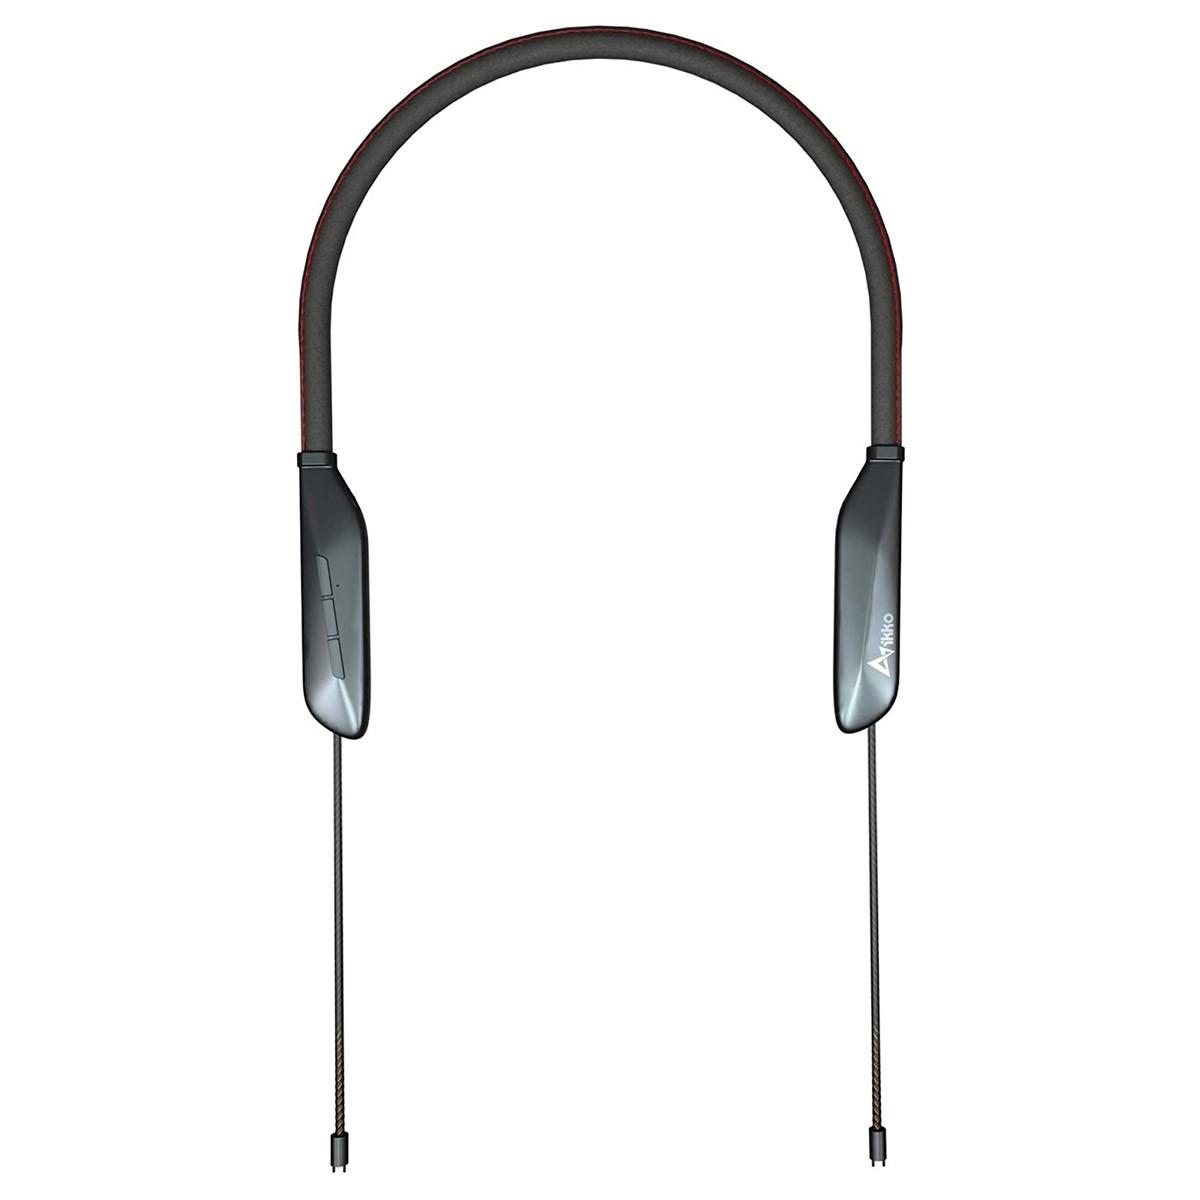 IKKO ARC ITB05 Récepteur Bluetooth 5.0 DAC Amplificateur Casque Symétrique 2x AK4377 CIEM 0.78